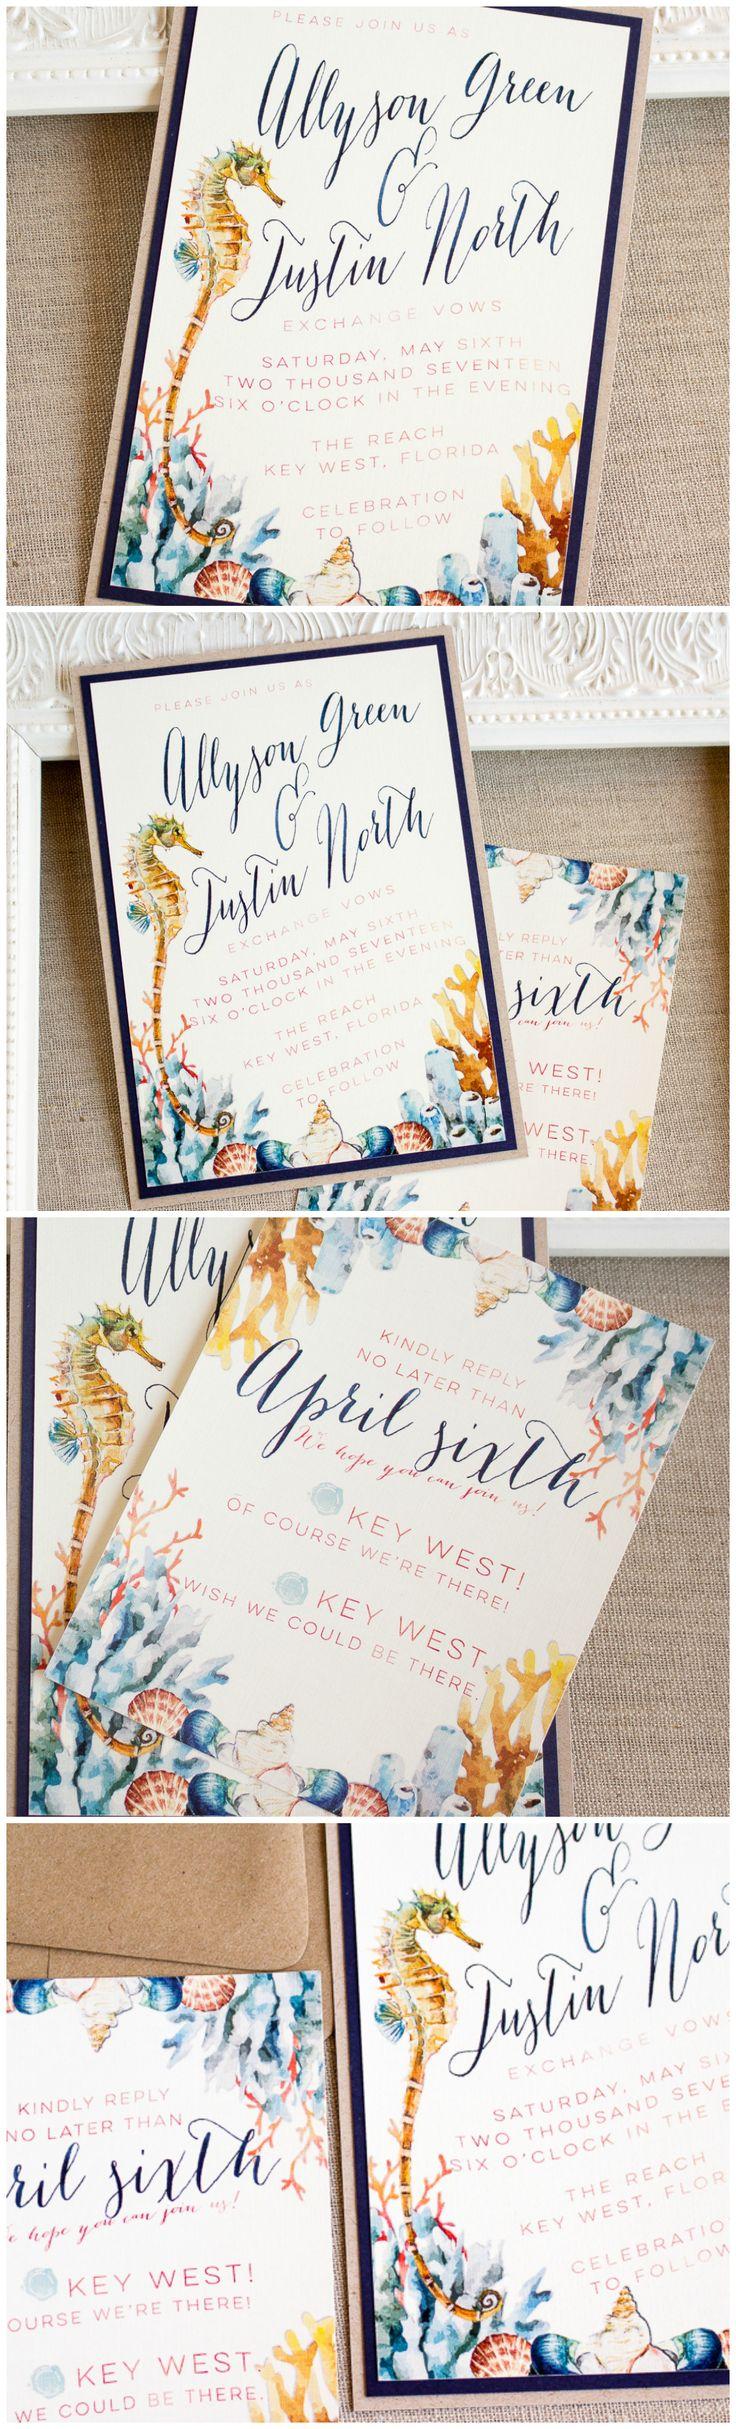 Watercolor Seahorse Wedding Invitation